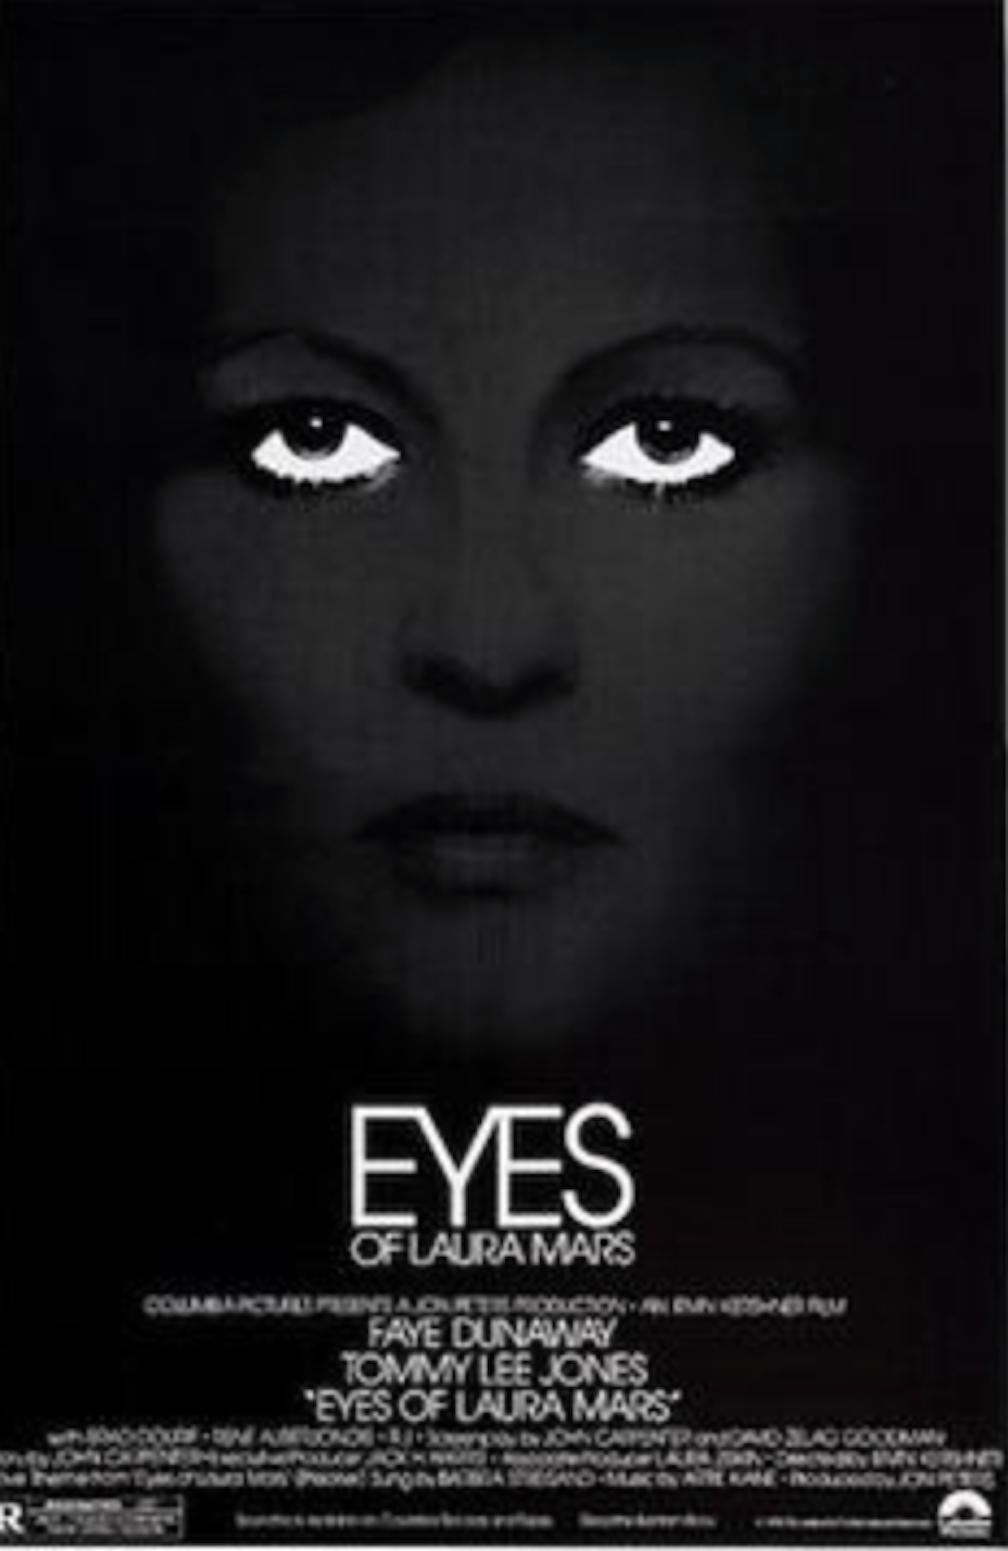 70's thriller, eyes of laura mars